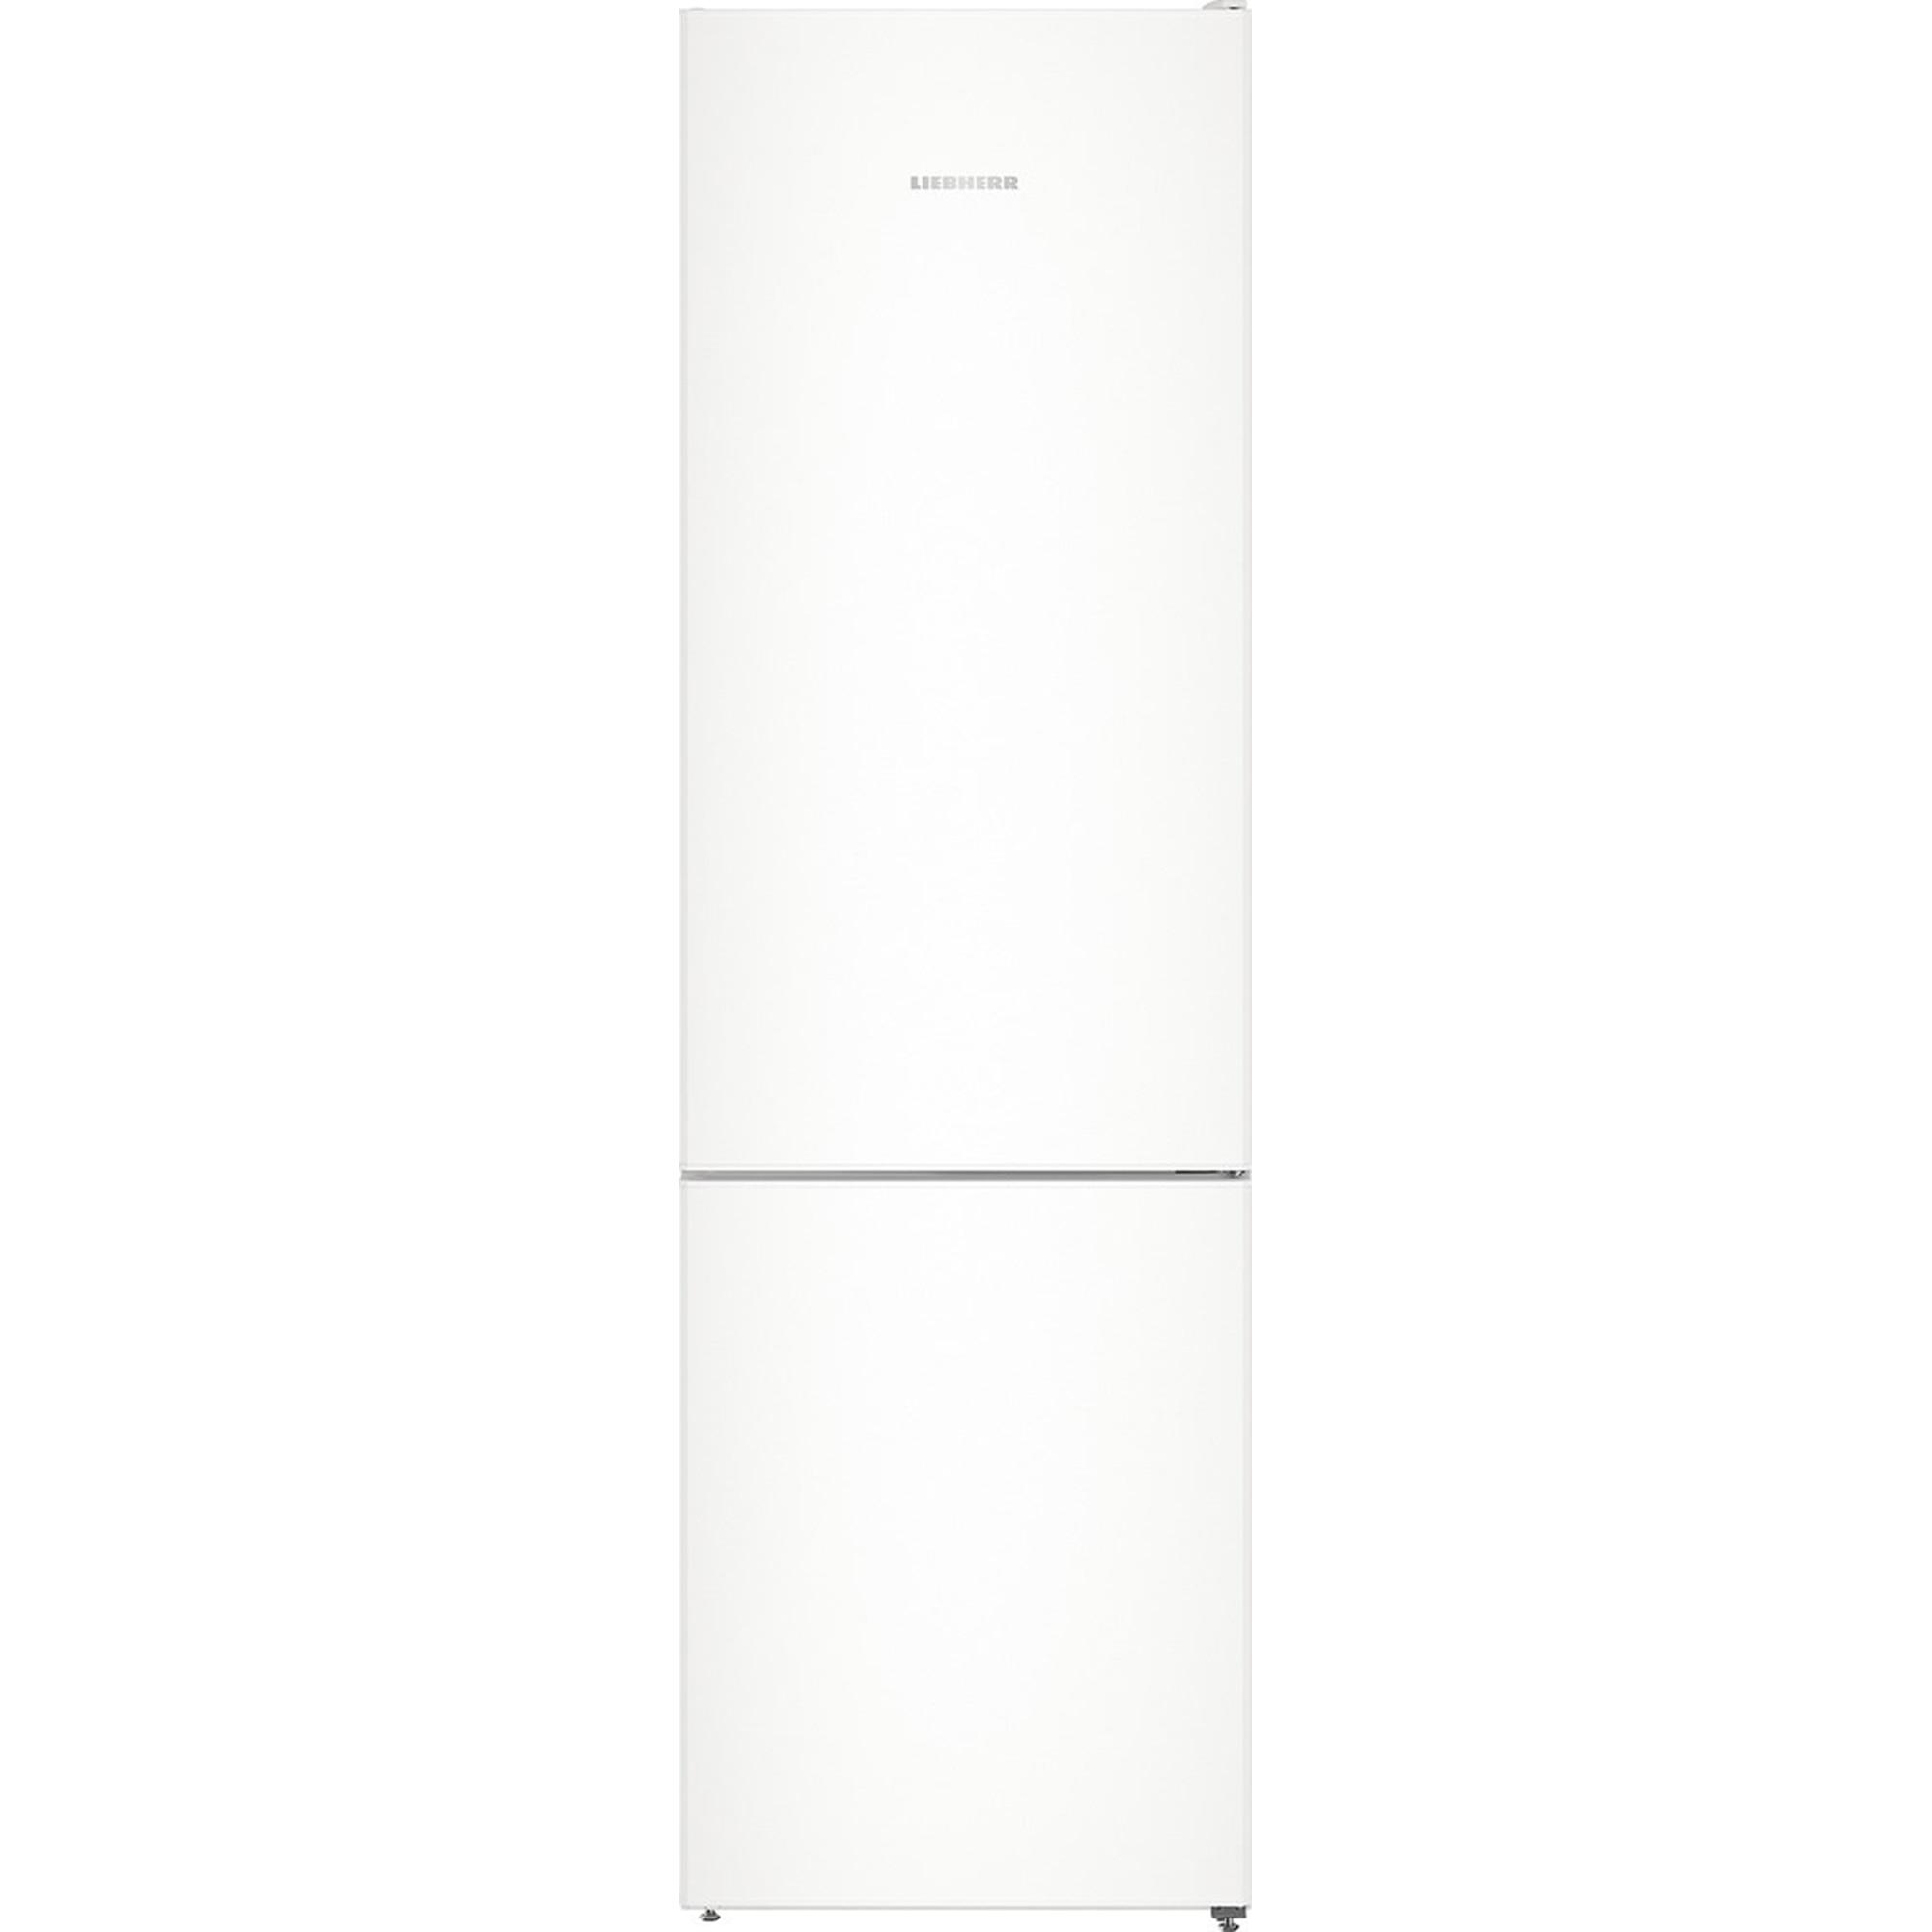 Fotografie Combina frigorifica Liebherr Confort DN 48X13, 338 l, Clasa A++, No Frost, H 201.1 cm, Alb